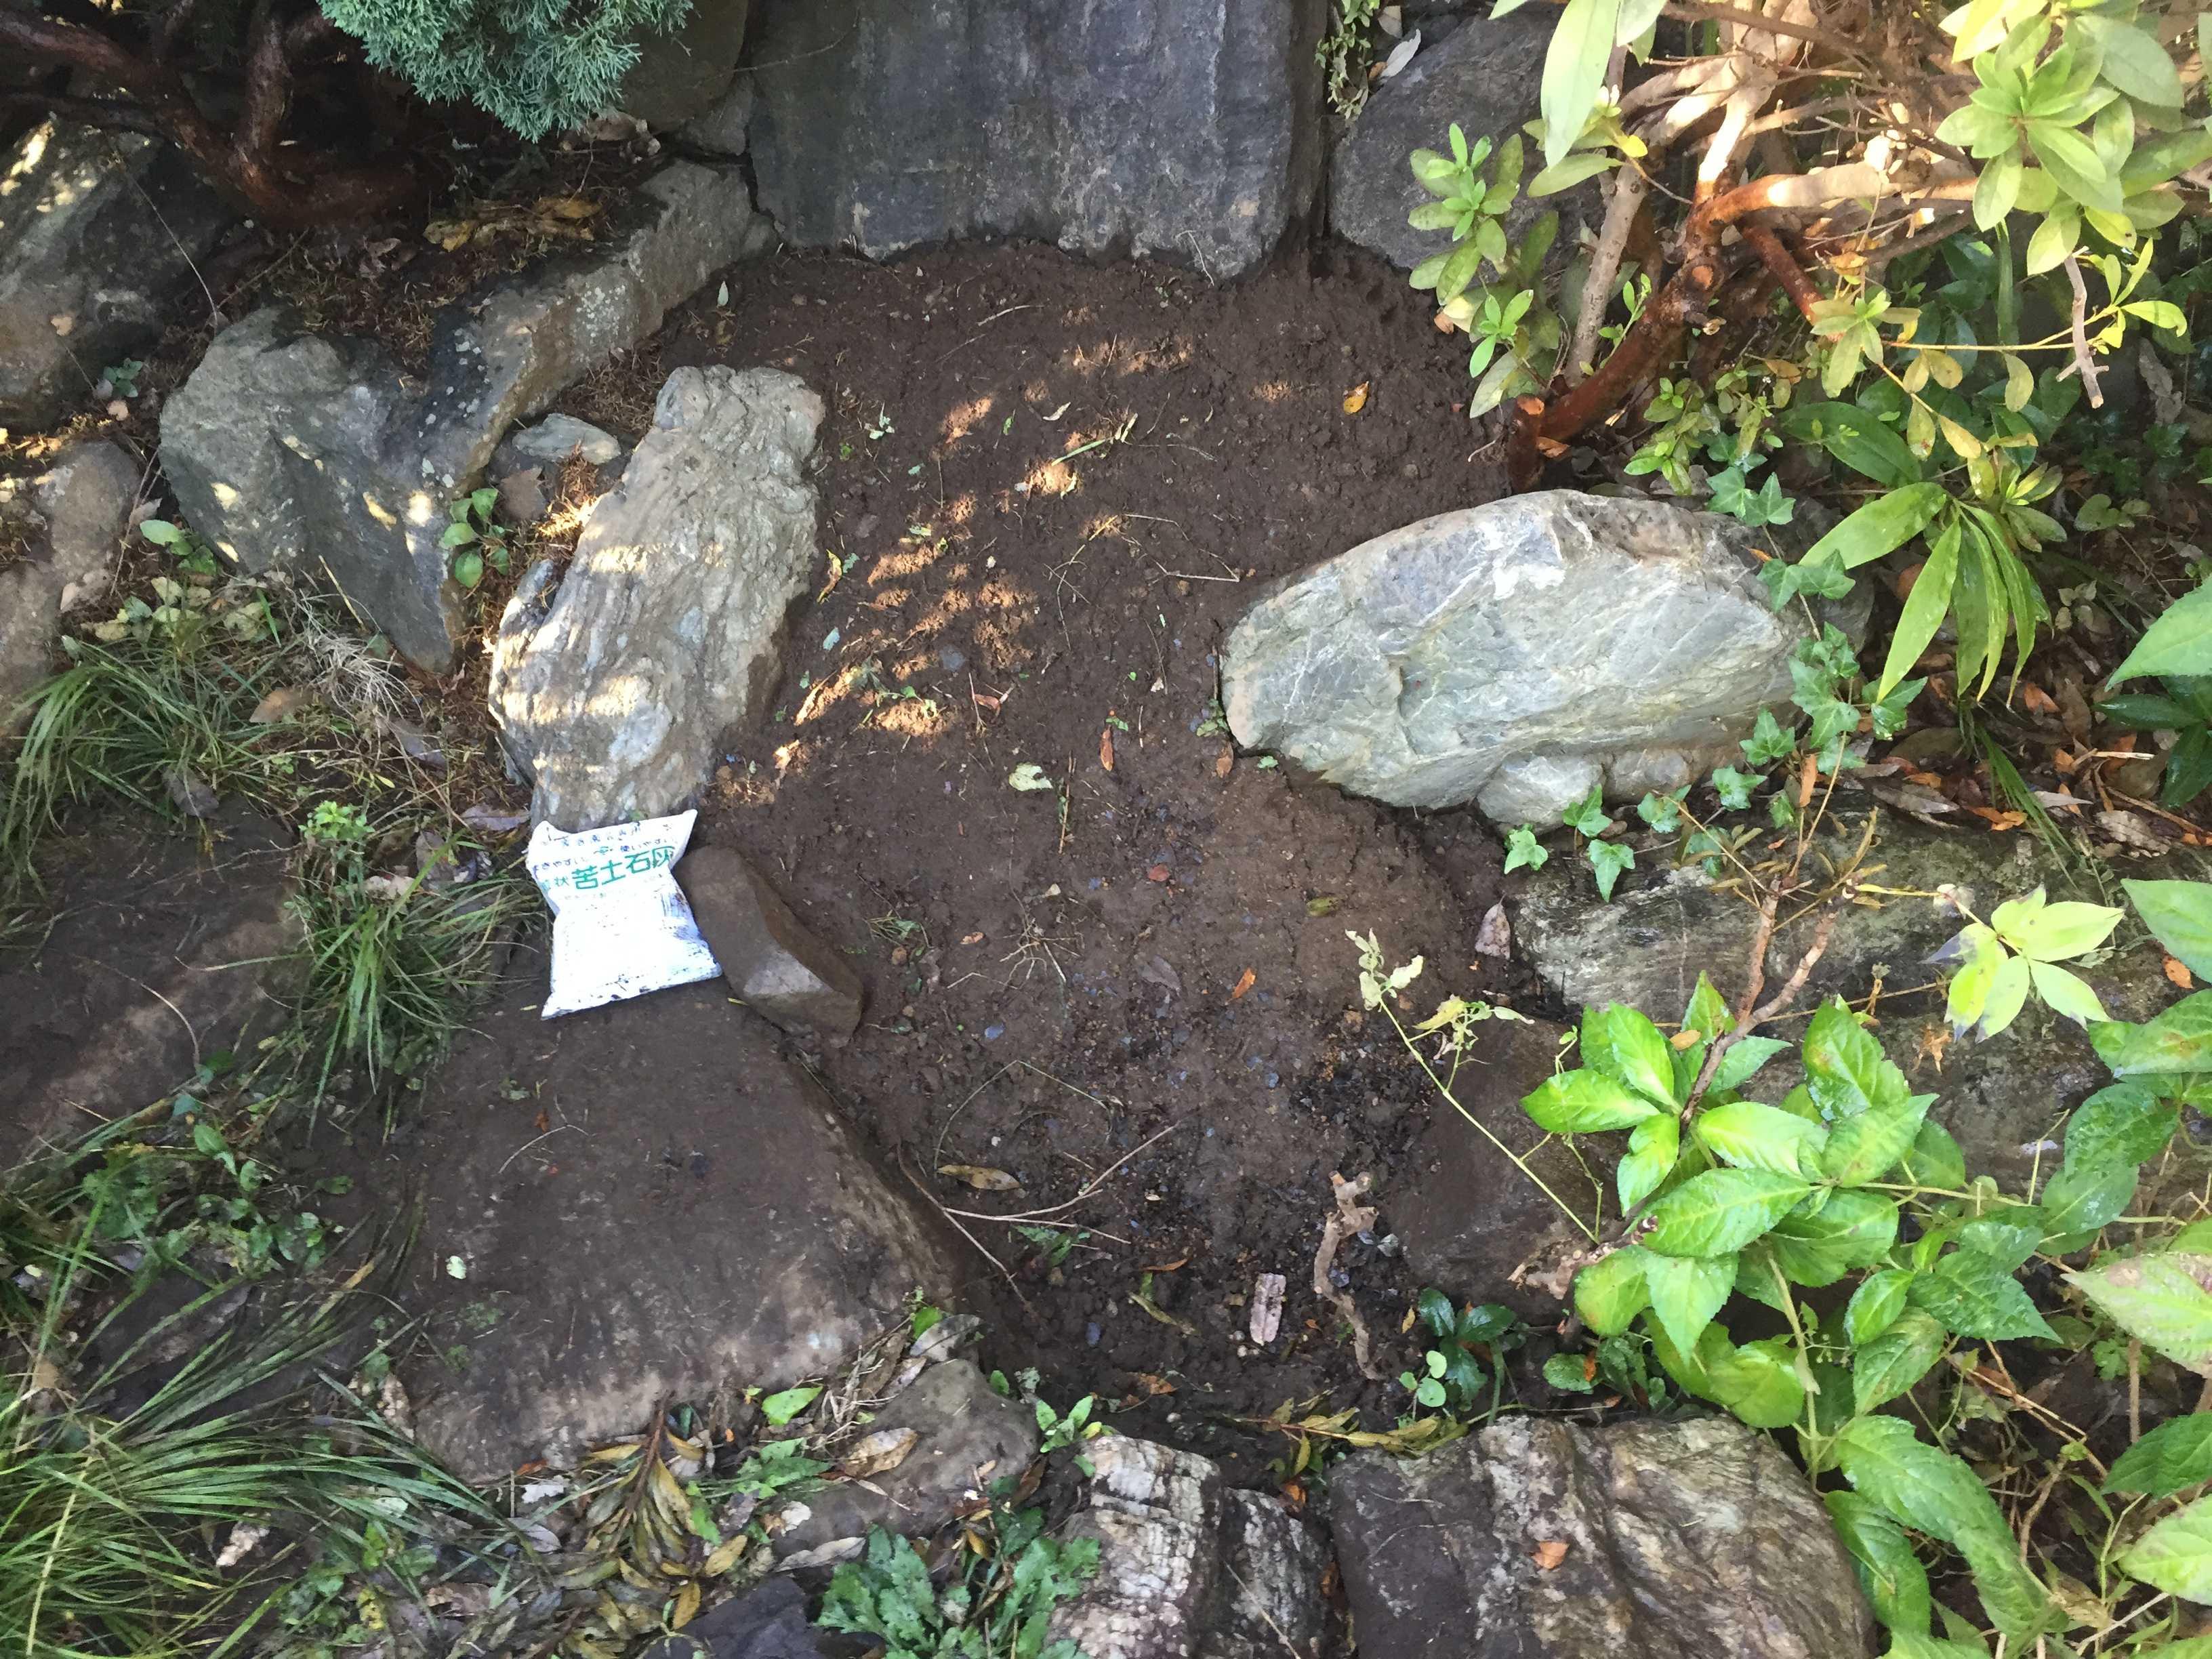 ヤマユリの球根植え付け - 石陰